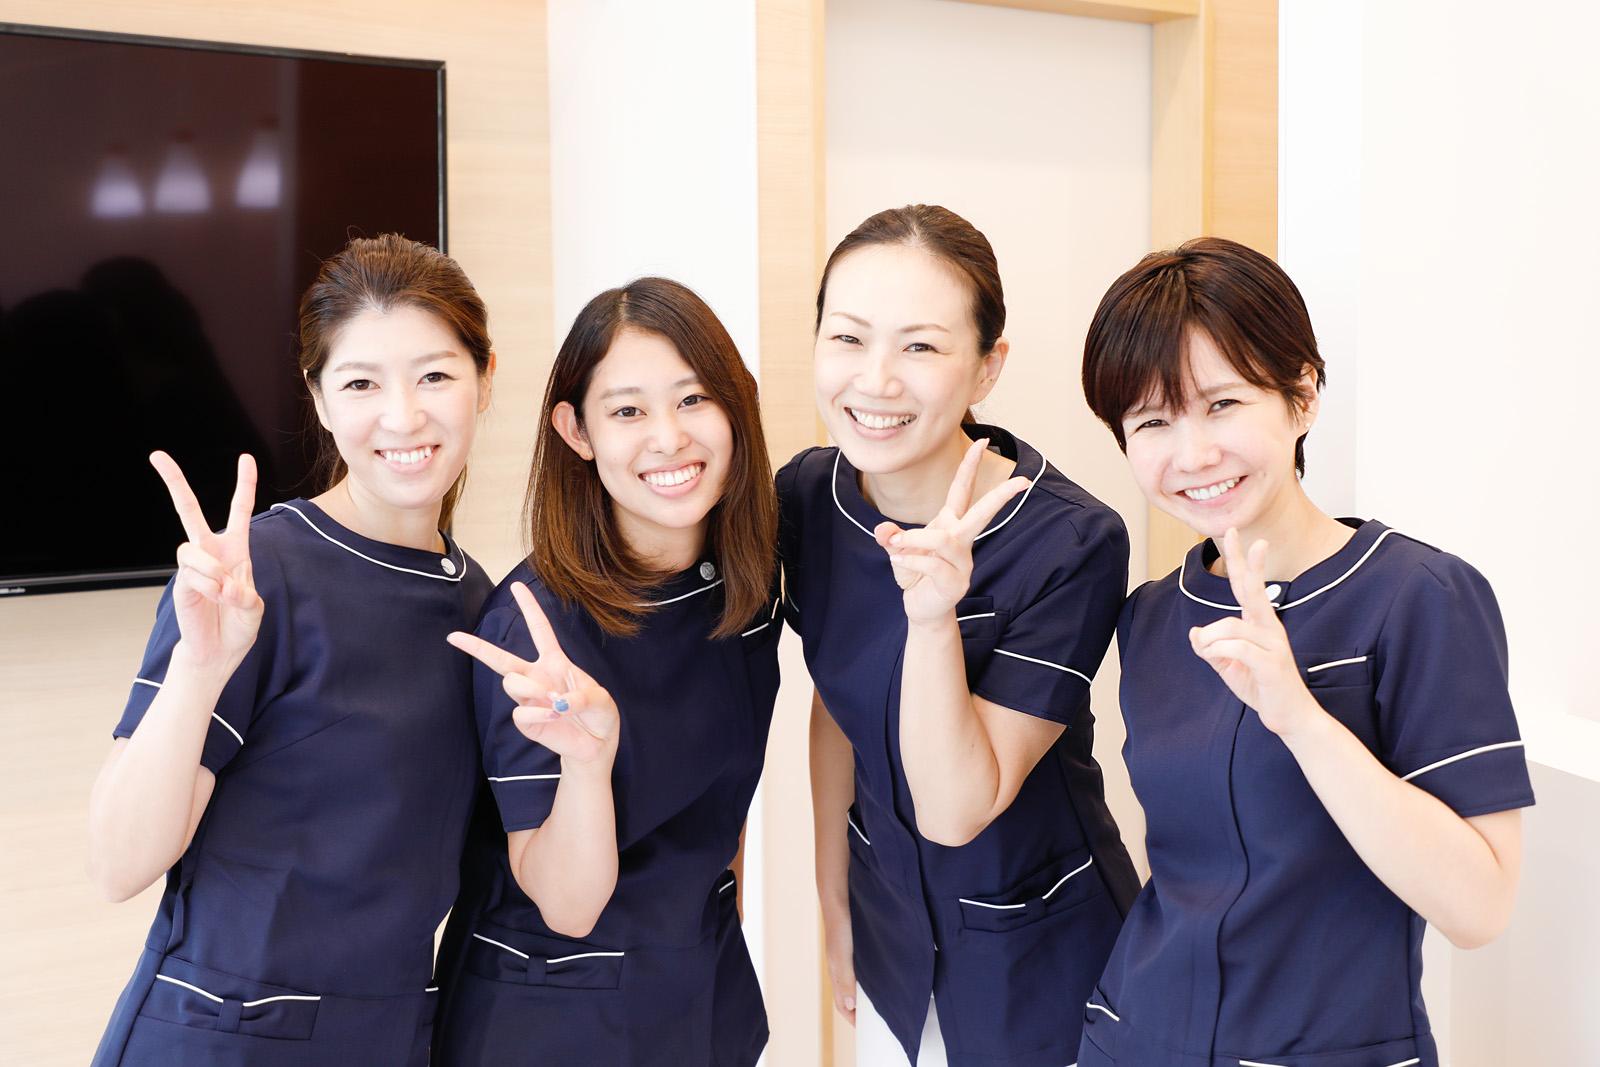 まずは「歯医者さんの雰囲気」に慣れてもらいます